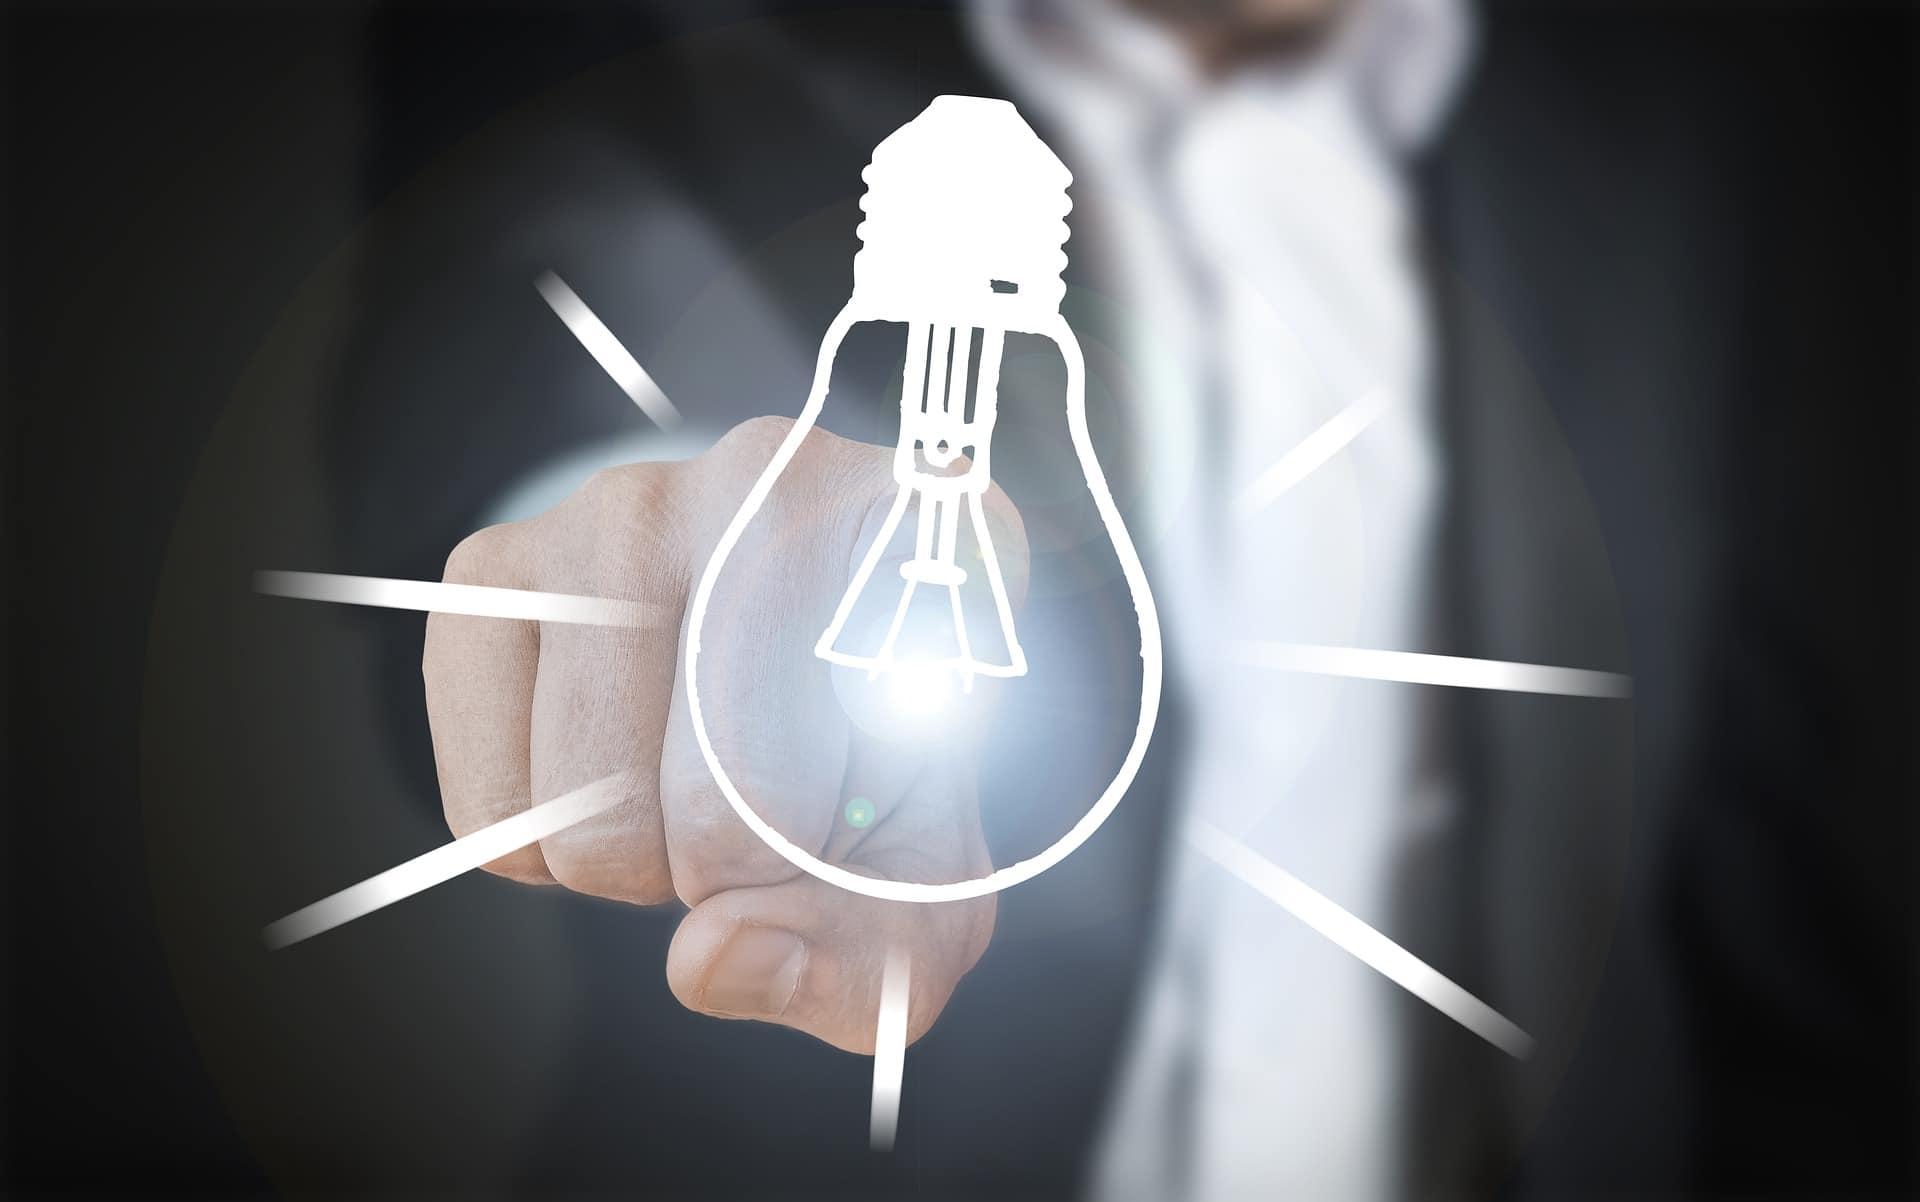 Digitale Sprechstunde – unser Vorstand Ingo Scheidweiler berät mit der IHK Hessen innovativ mittelständische Unternehmer in Fragen der digitalen Transformation